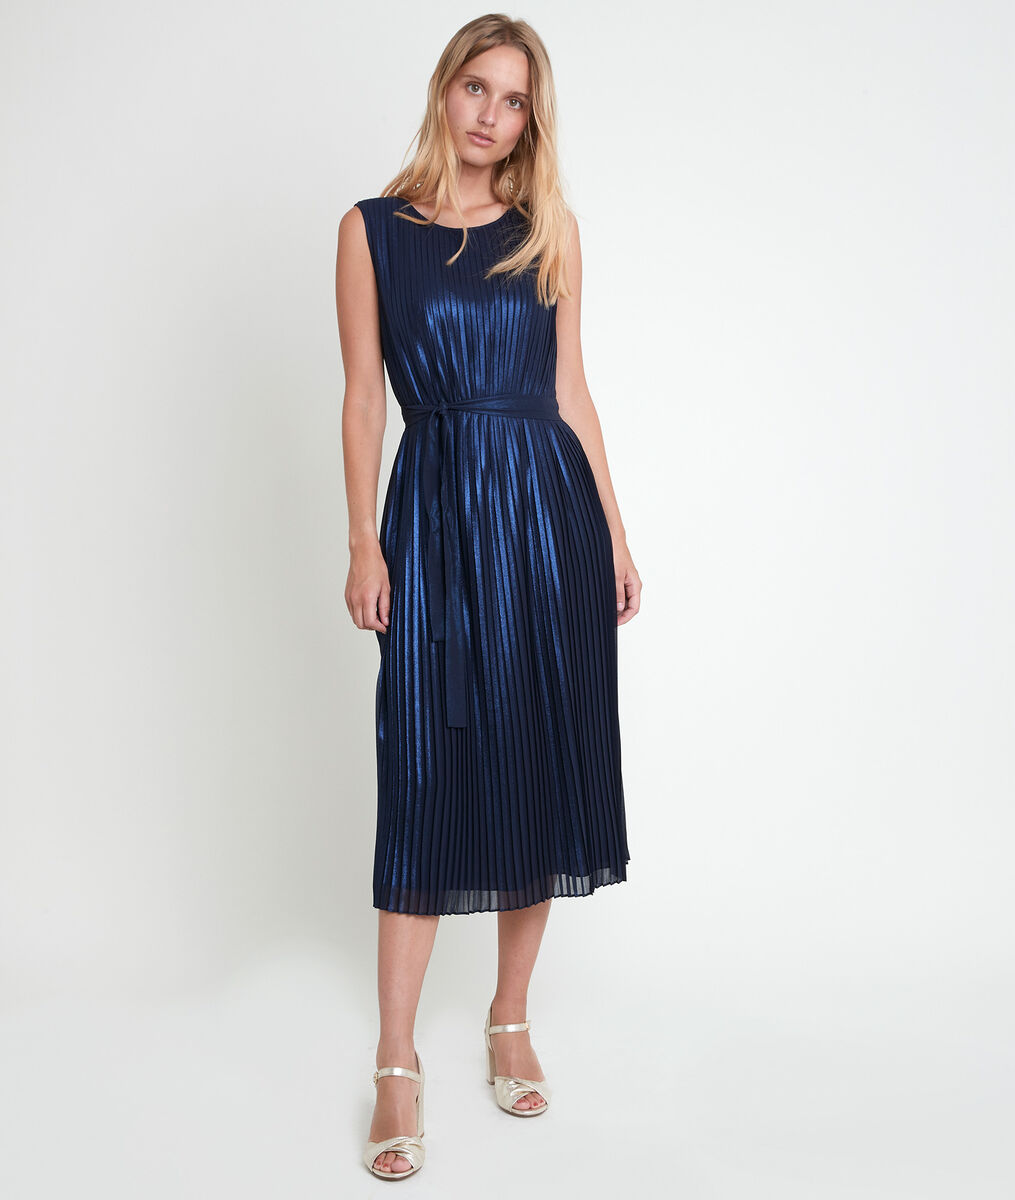 Plissiertes Kleid marineblau glänzend Marlène PhotoZ | 1-2-3